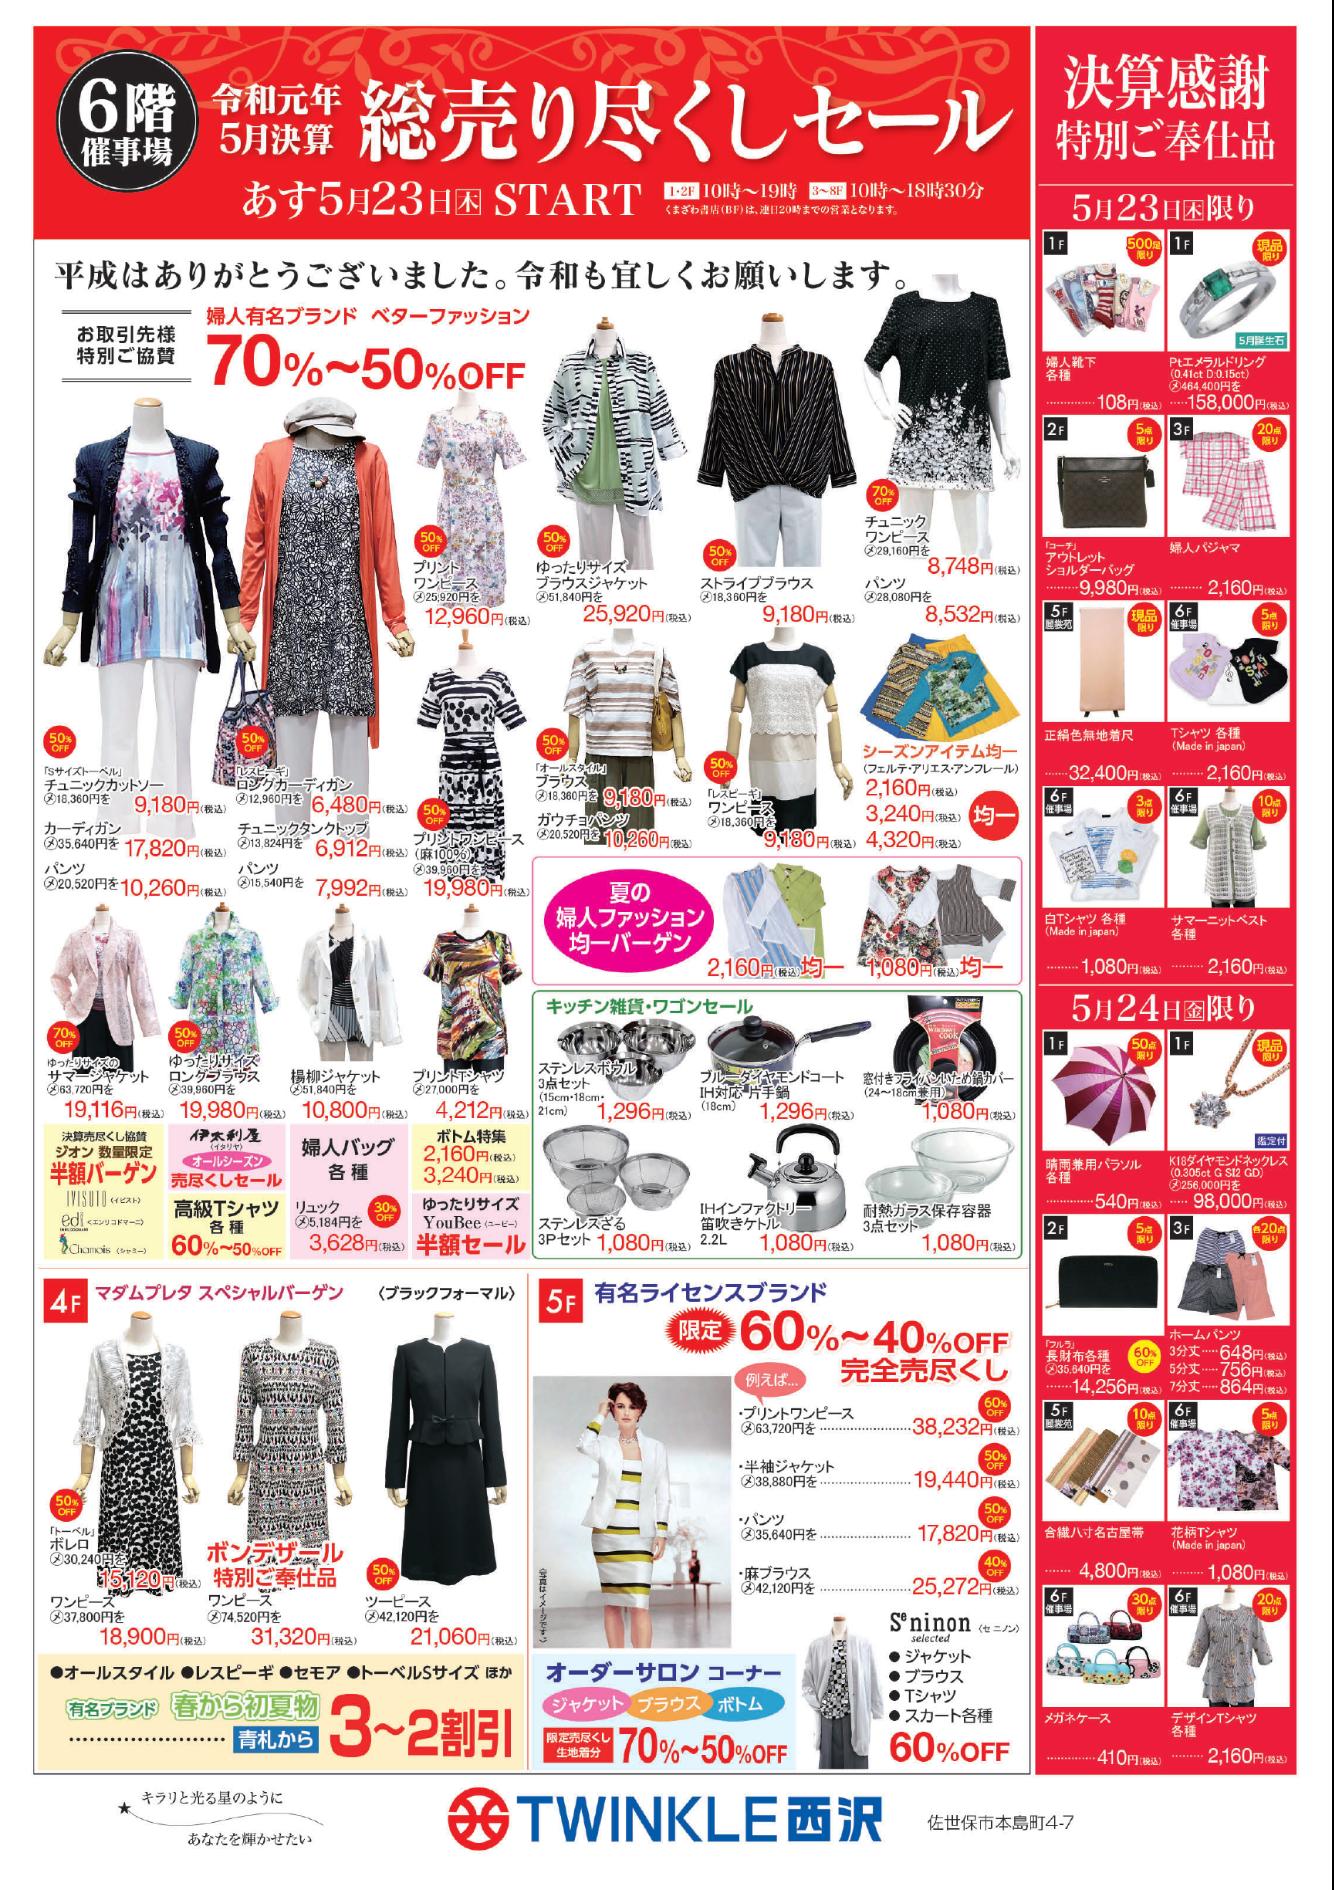 TWINKLE西沢決算総売り尽くしセール5月22日チラシ(表)